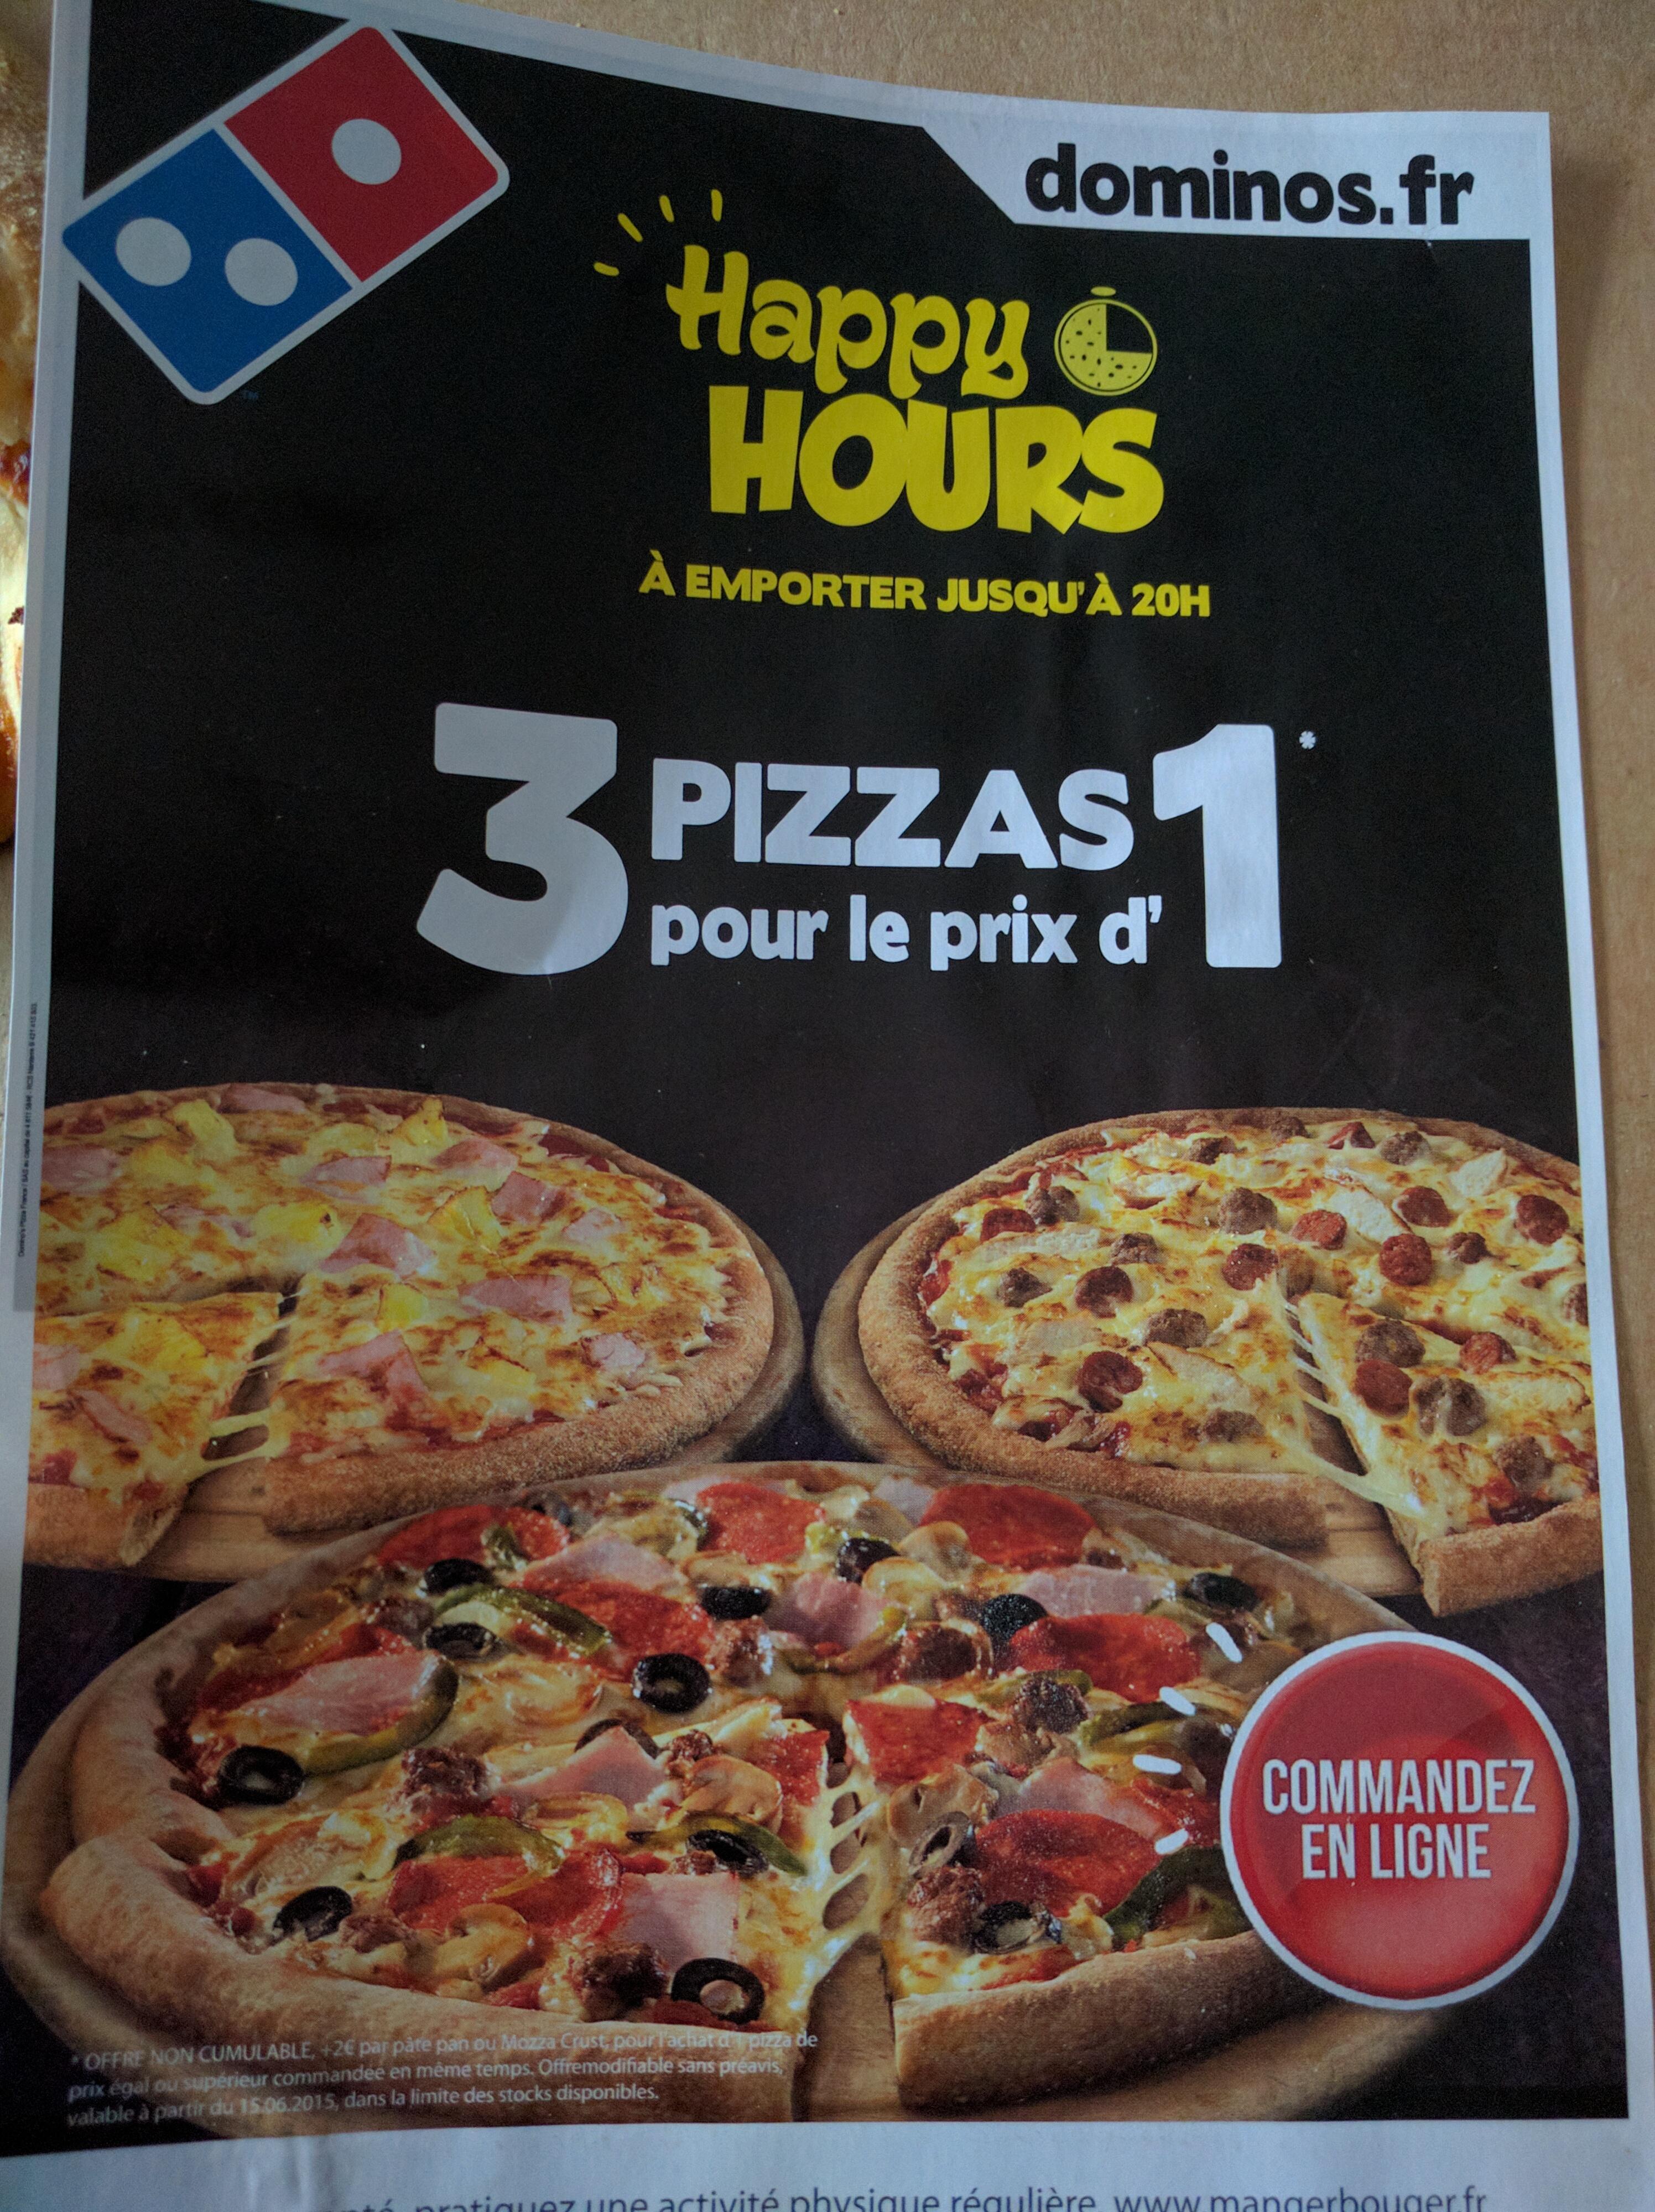 3 Pizzas pour le prix d'1